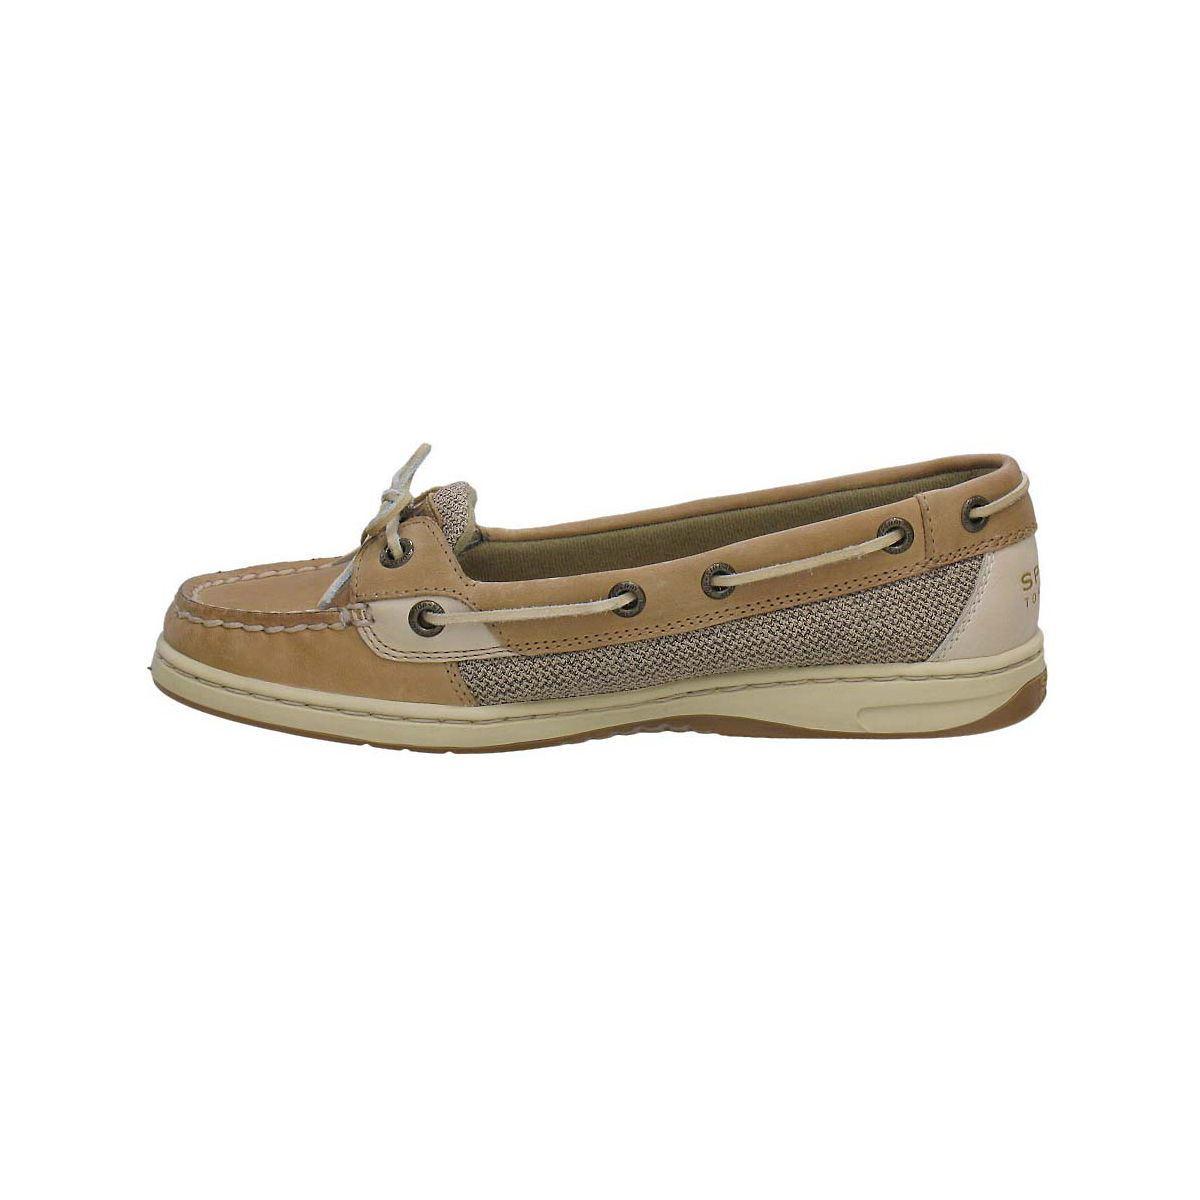 Sperry Womens Angelfish Slip On Boat Shoe Linen Oat 9102047 | EBay